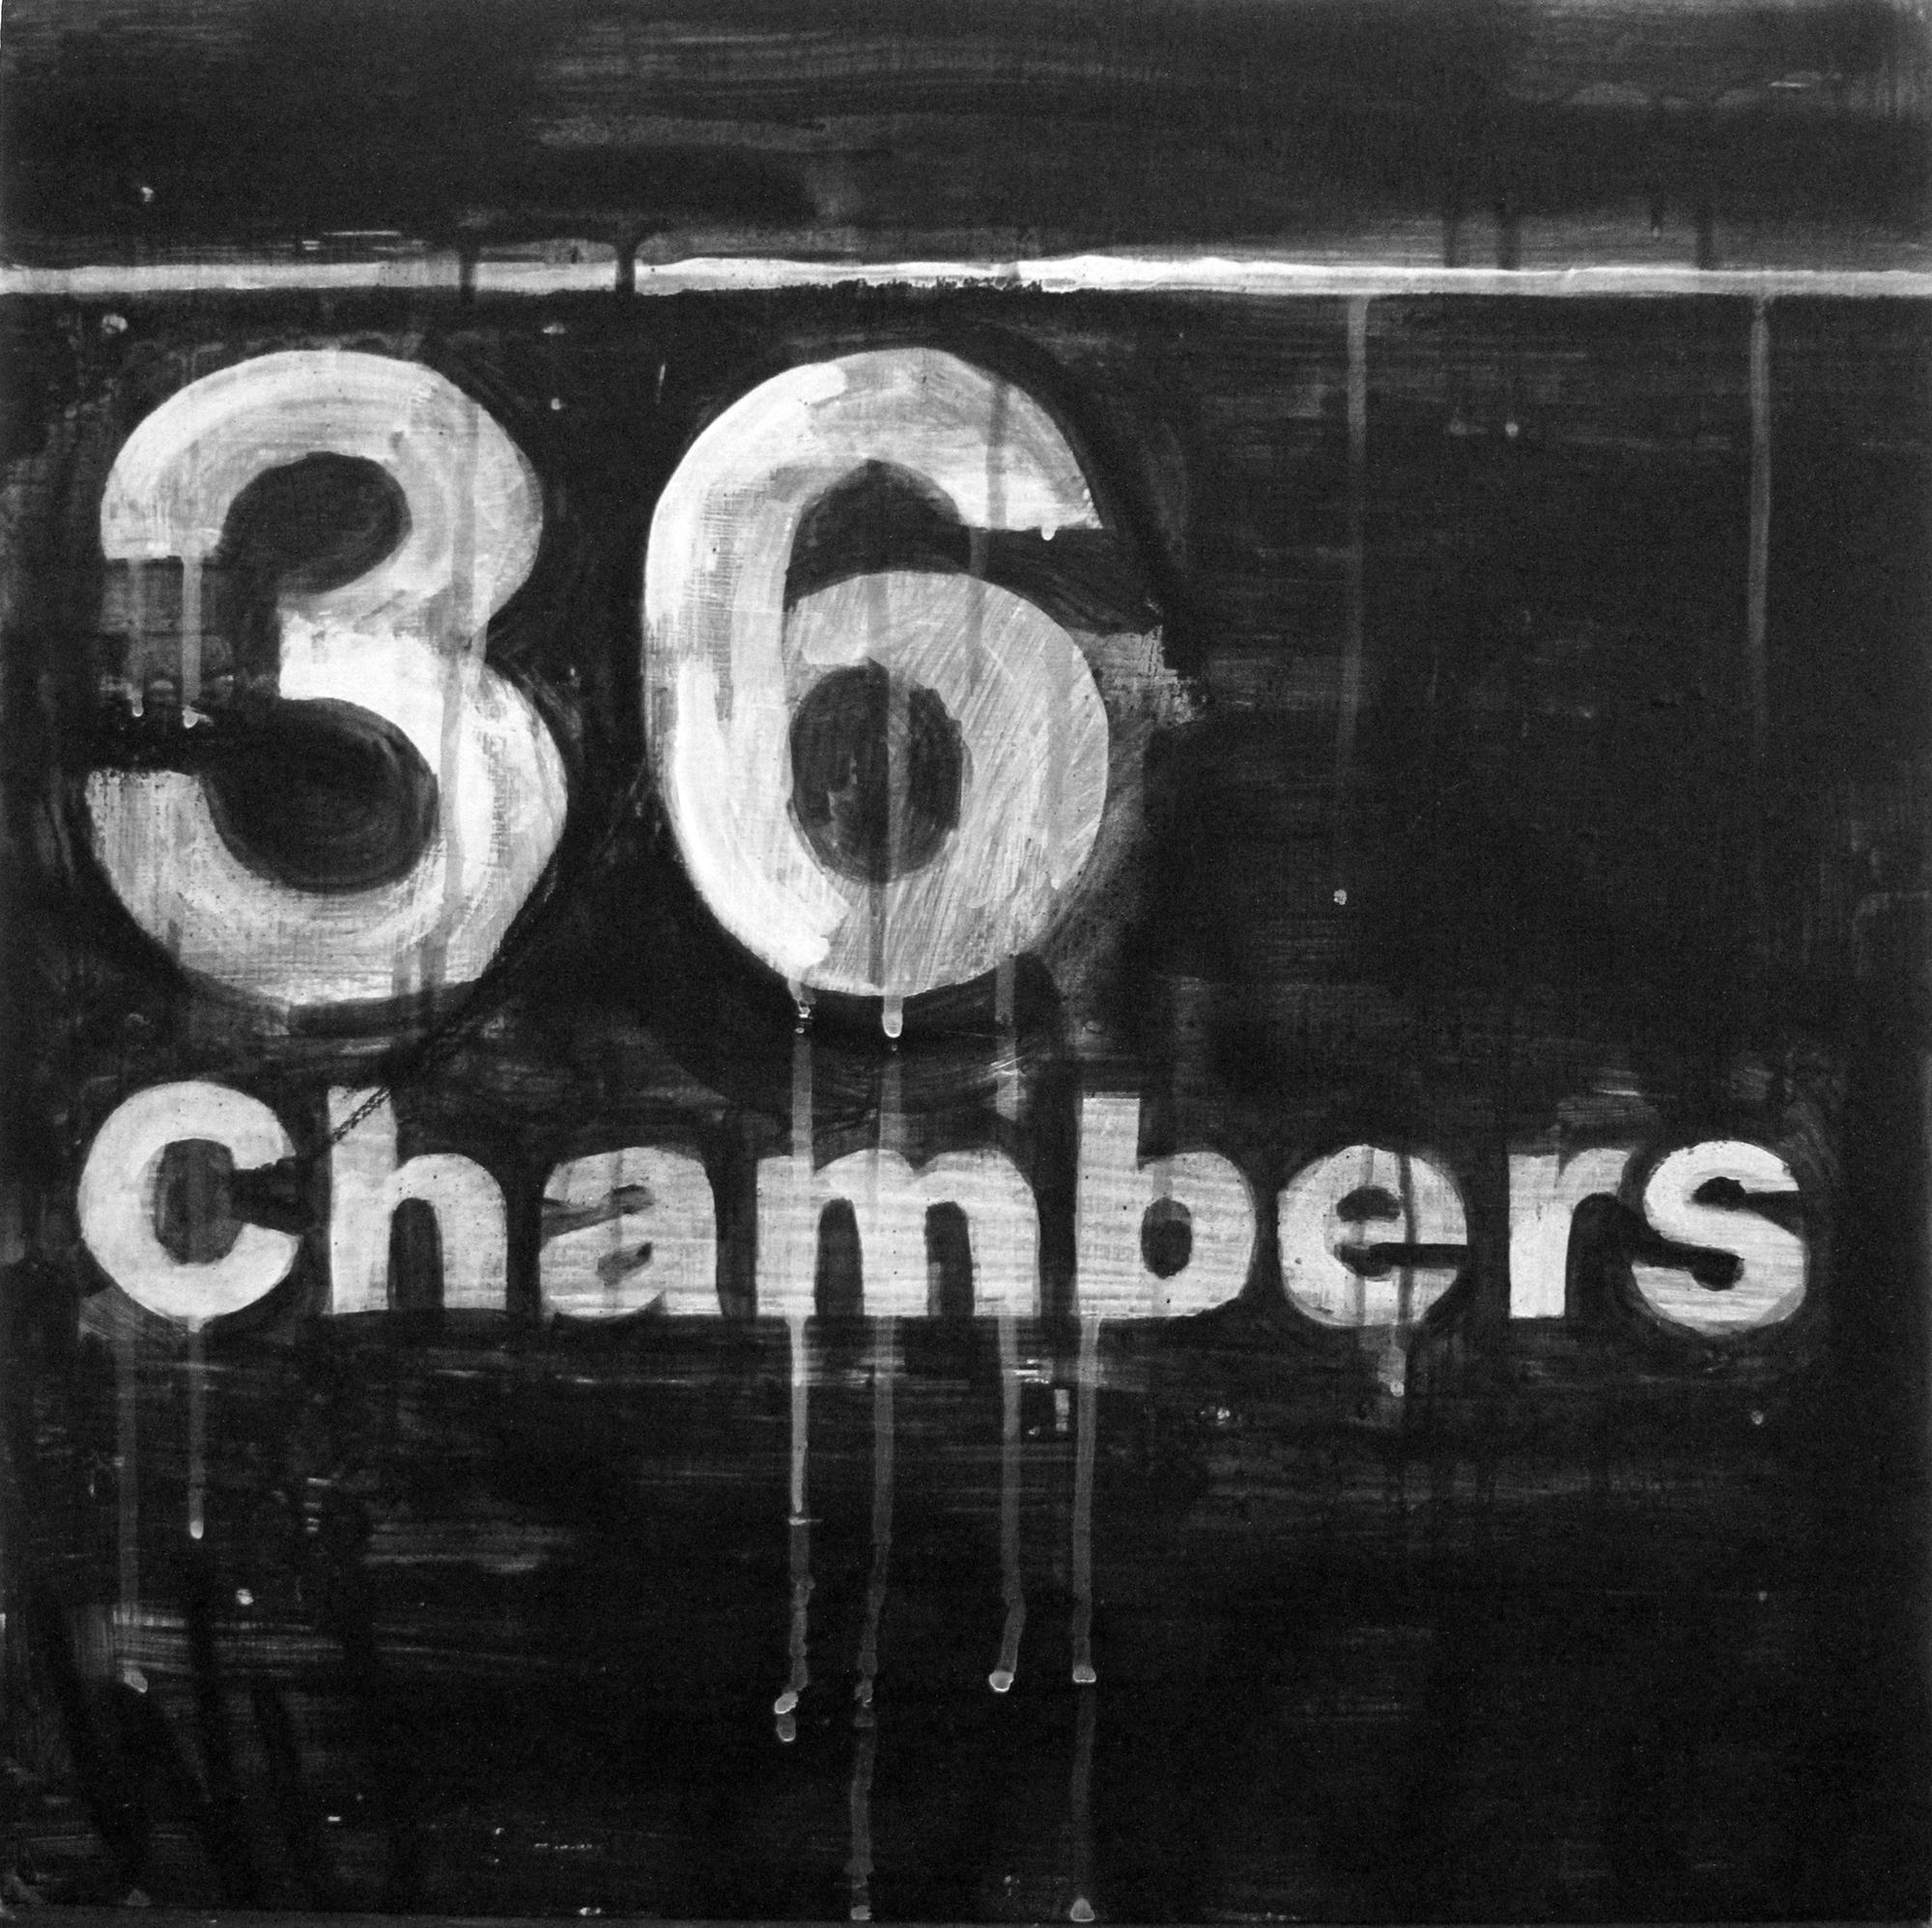 """Raul Barquet 36 Chambers, 2017 Acrylic and enamel on wood panel 20"""" x 20"""""""